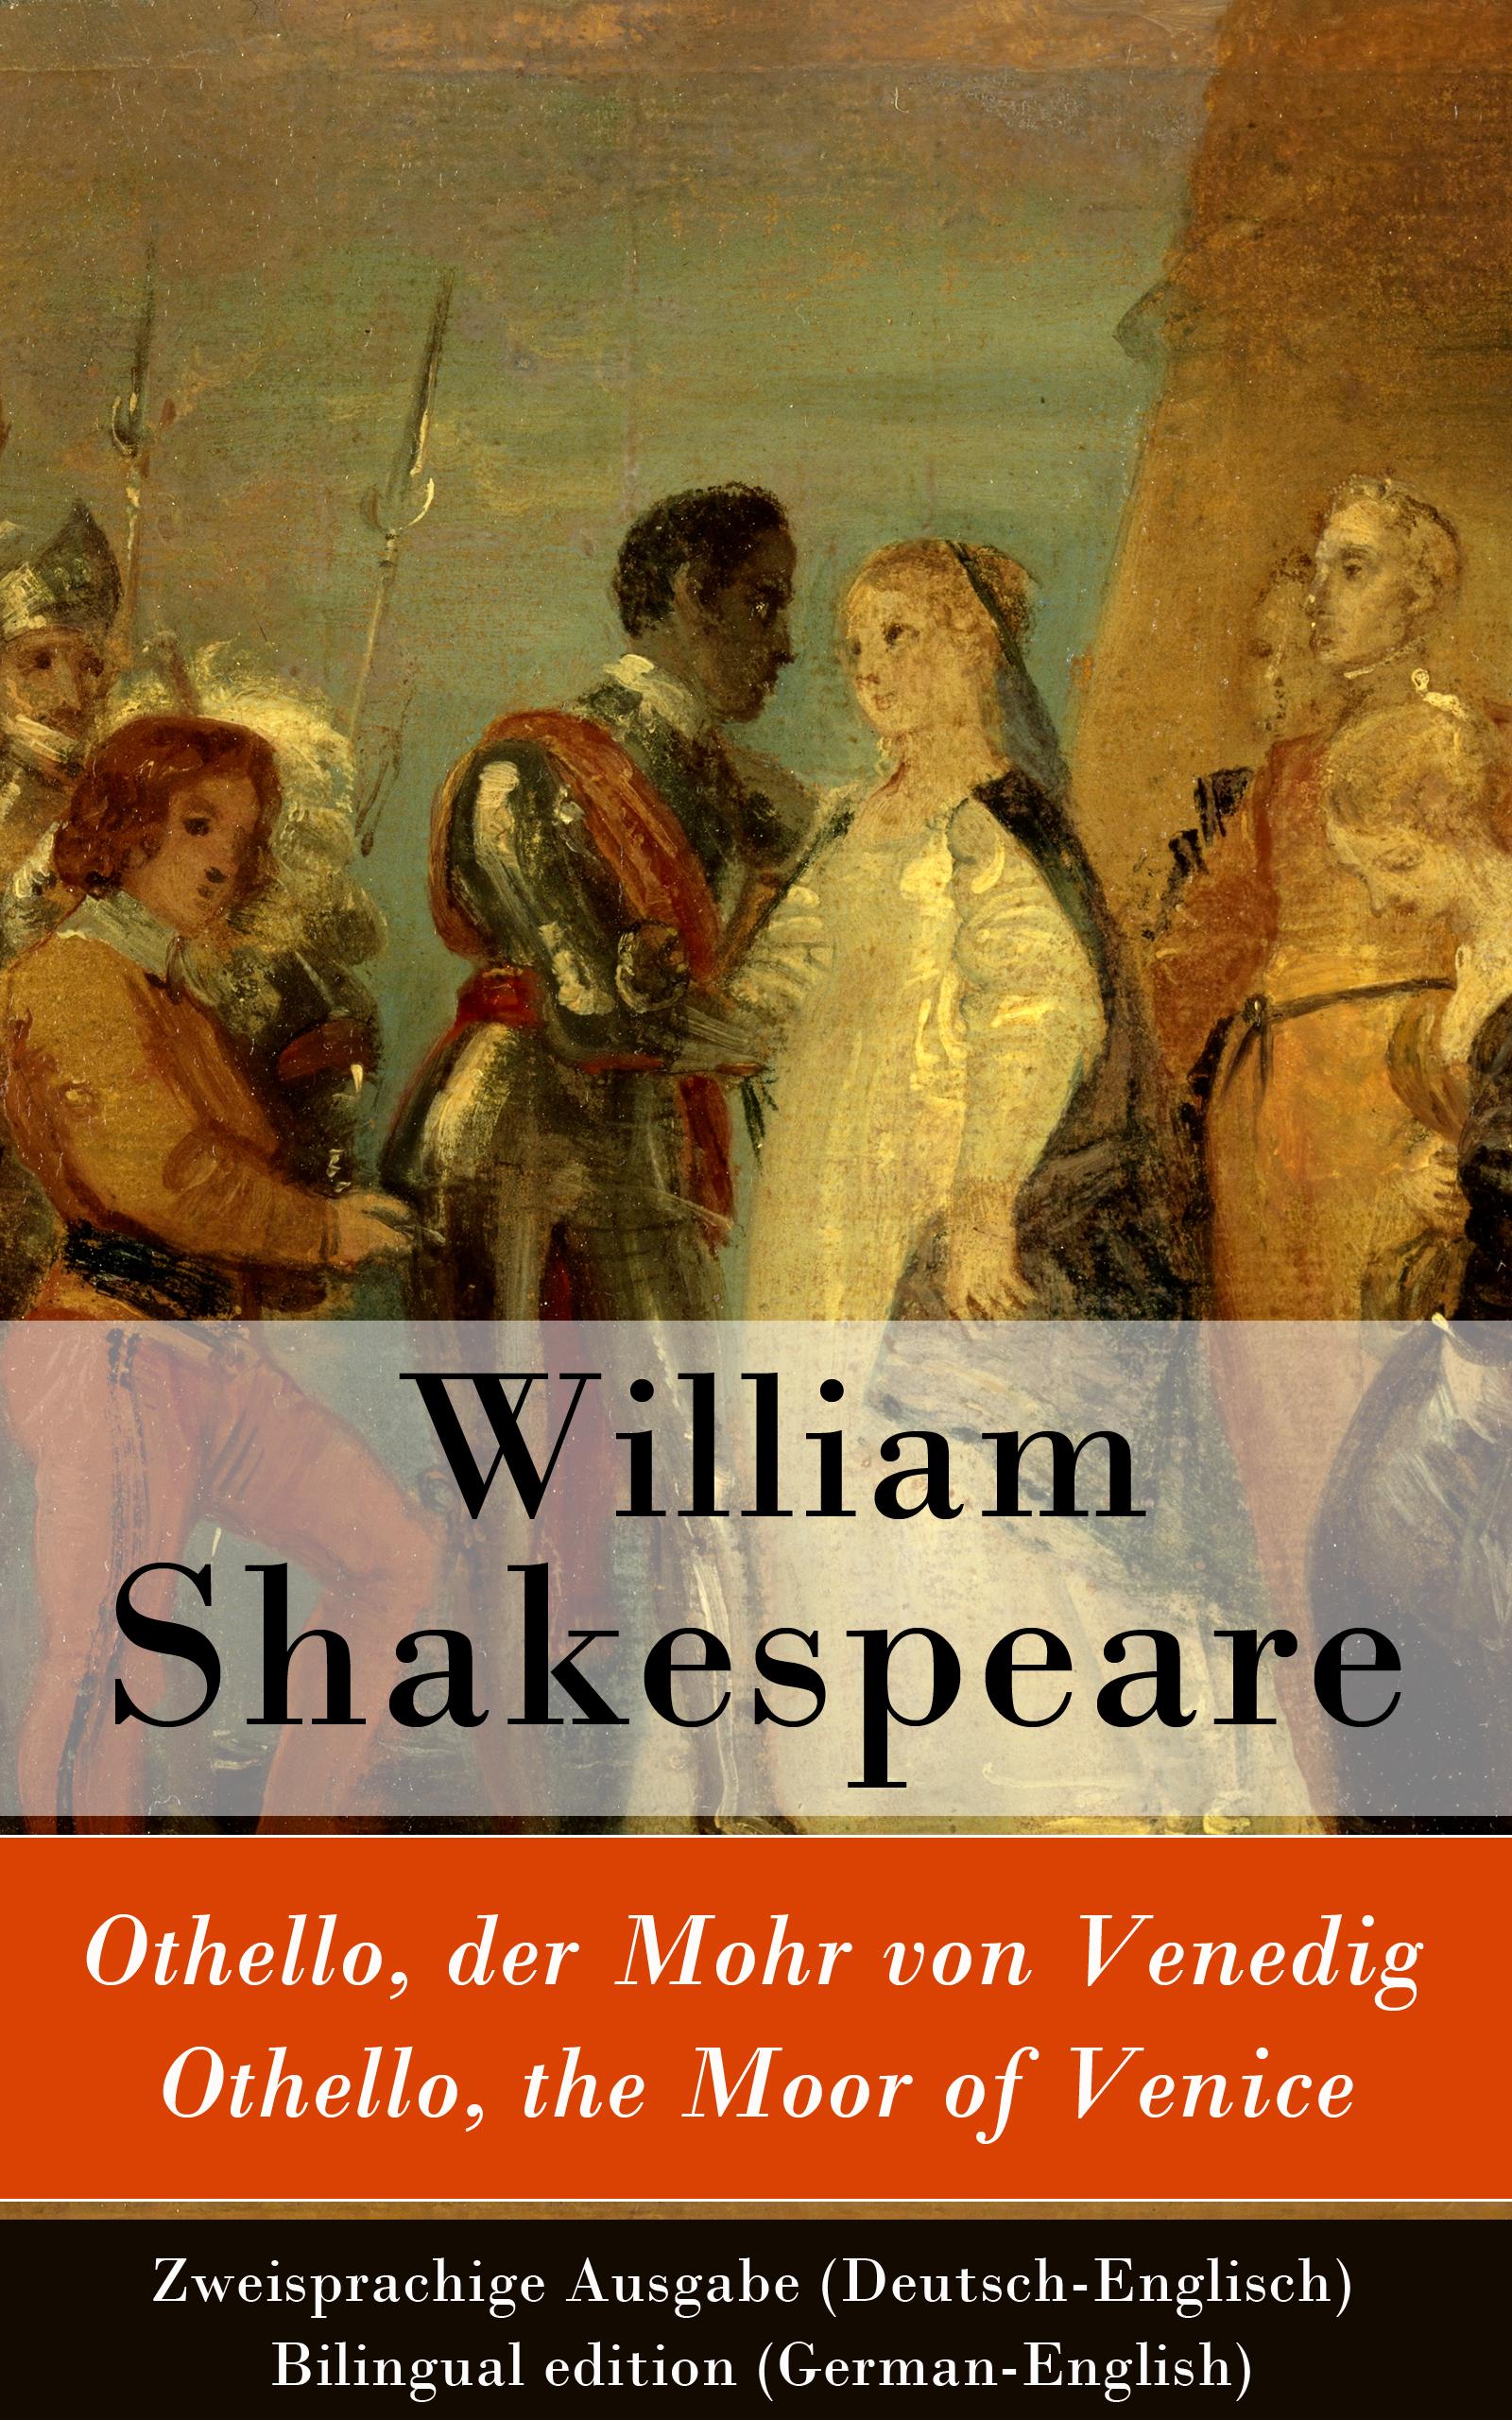 цена Уильям Шекспир Othello, der Mohr von Venedig / Othello, the Moor of Venice - Zweisprachige Ausgabe (Deutsch-Englisch) / Bilingual edition (German-English) онлайн в 2017 году